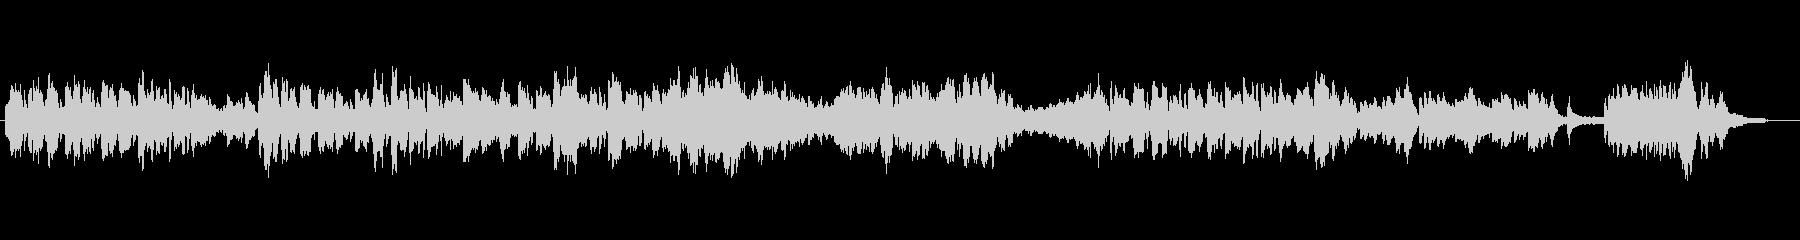 ショパン練習曲12-8忙しく動き回る曲の未再生の波形